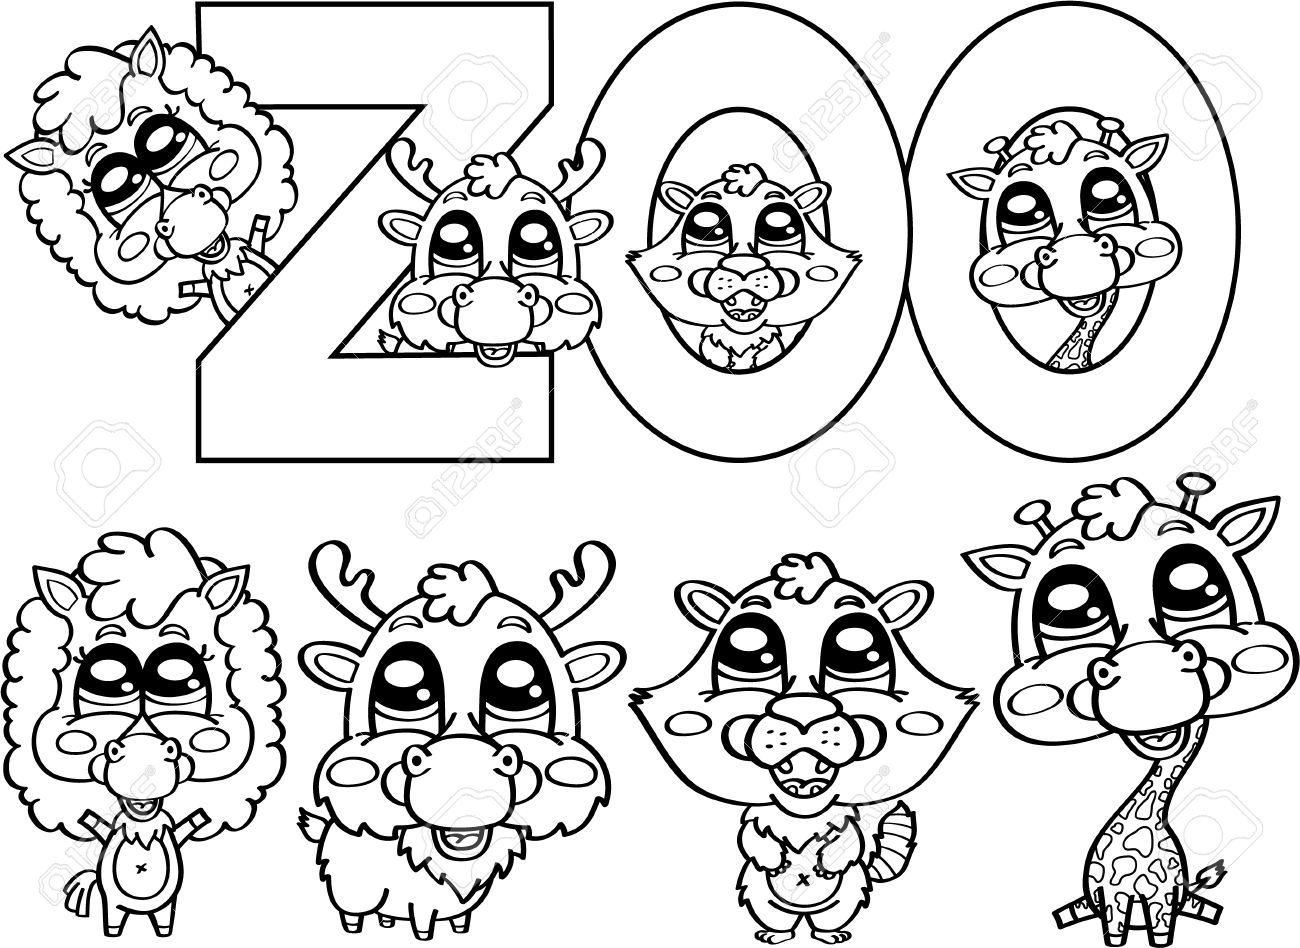 banque dimages coloriage des personnages mignons zoo